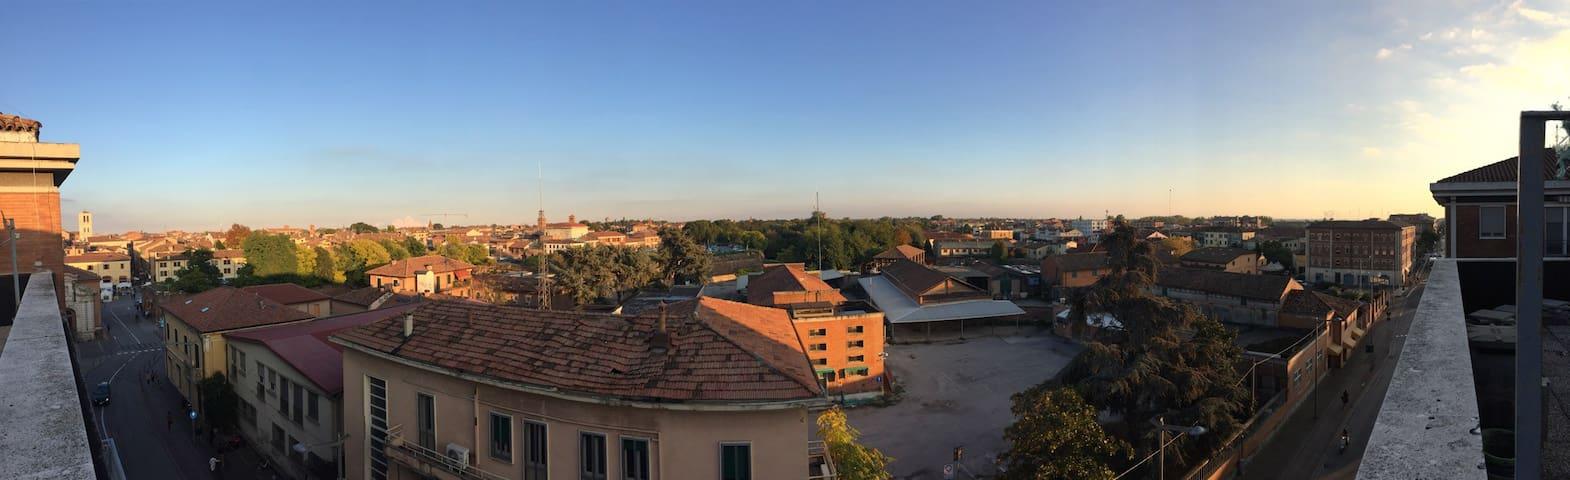 Vista dal terrazzo dello stabile